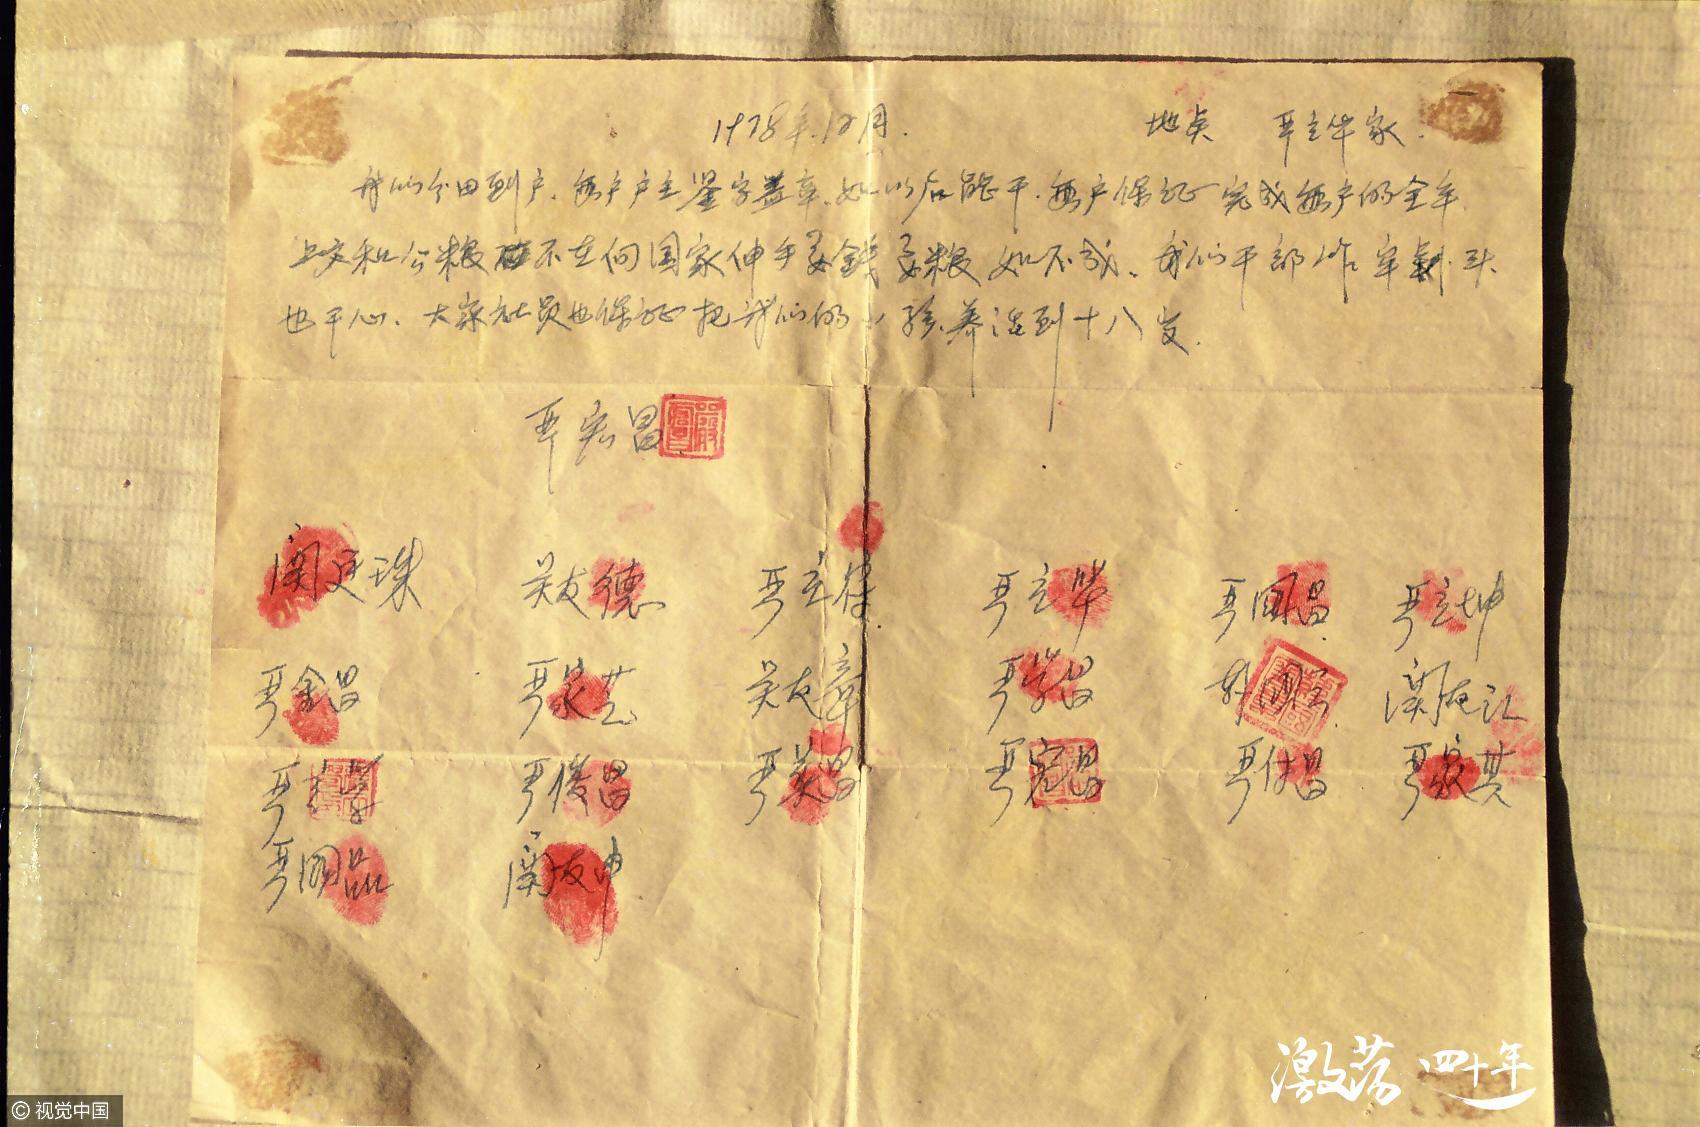 Acuerdo redactado por Yan Hongchang y firmado por los aldeanos de Xiaogang.